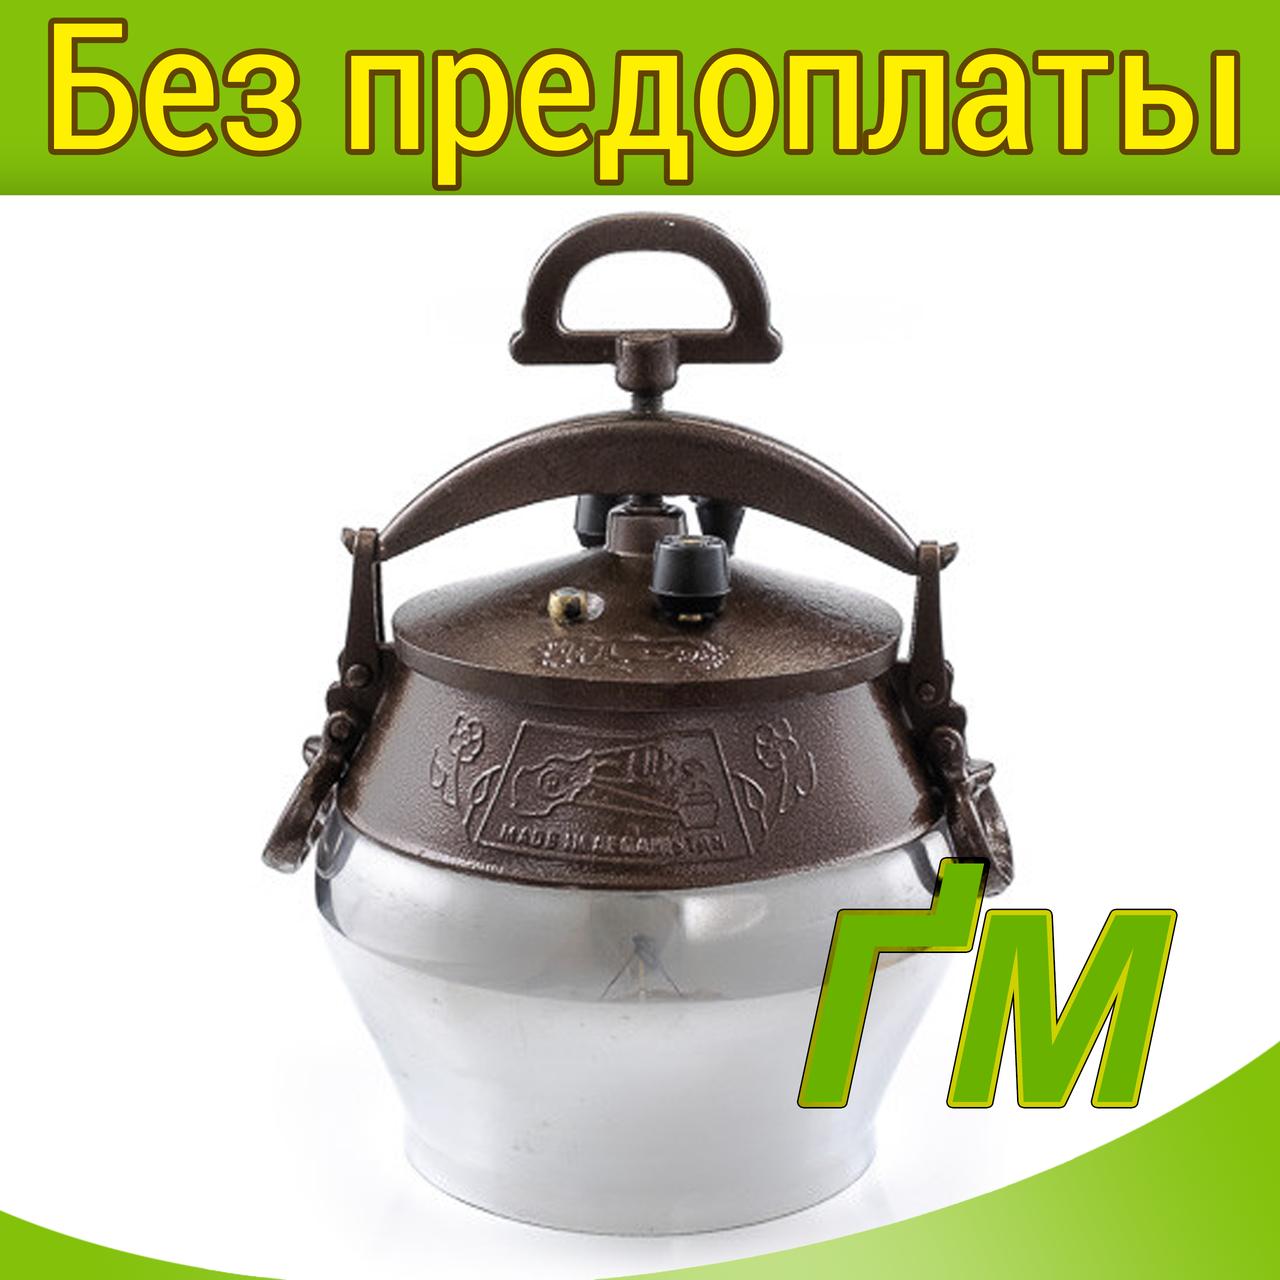 Казан полуполированный с ручками, 10 л.